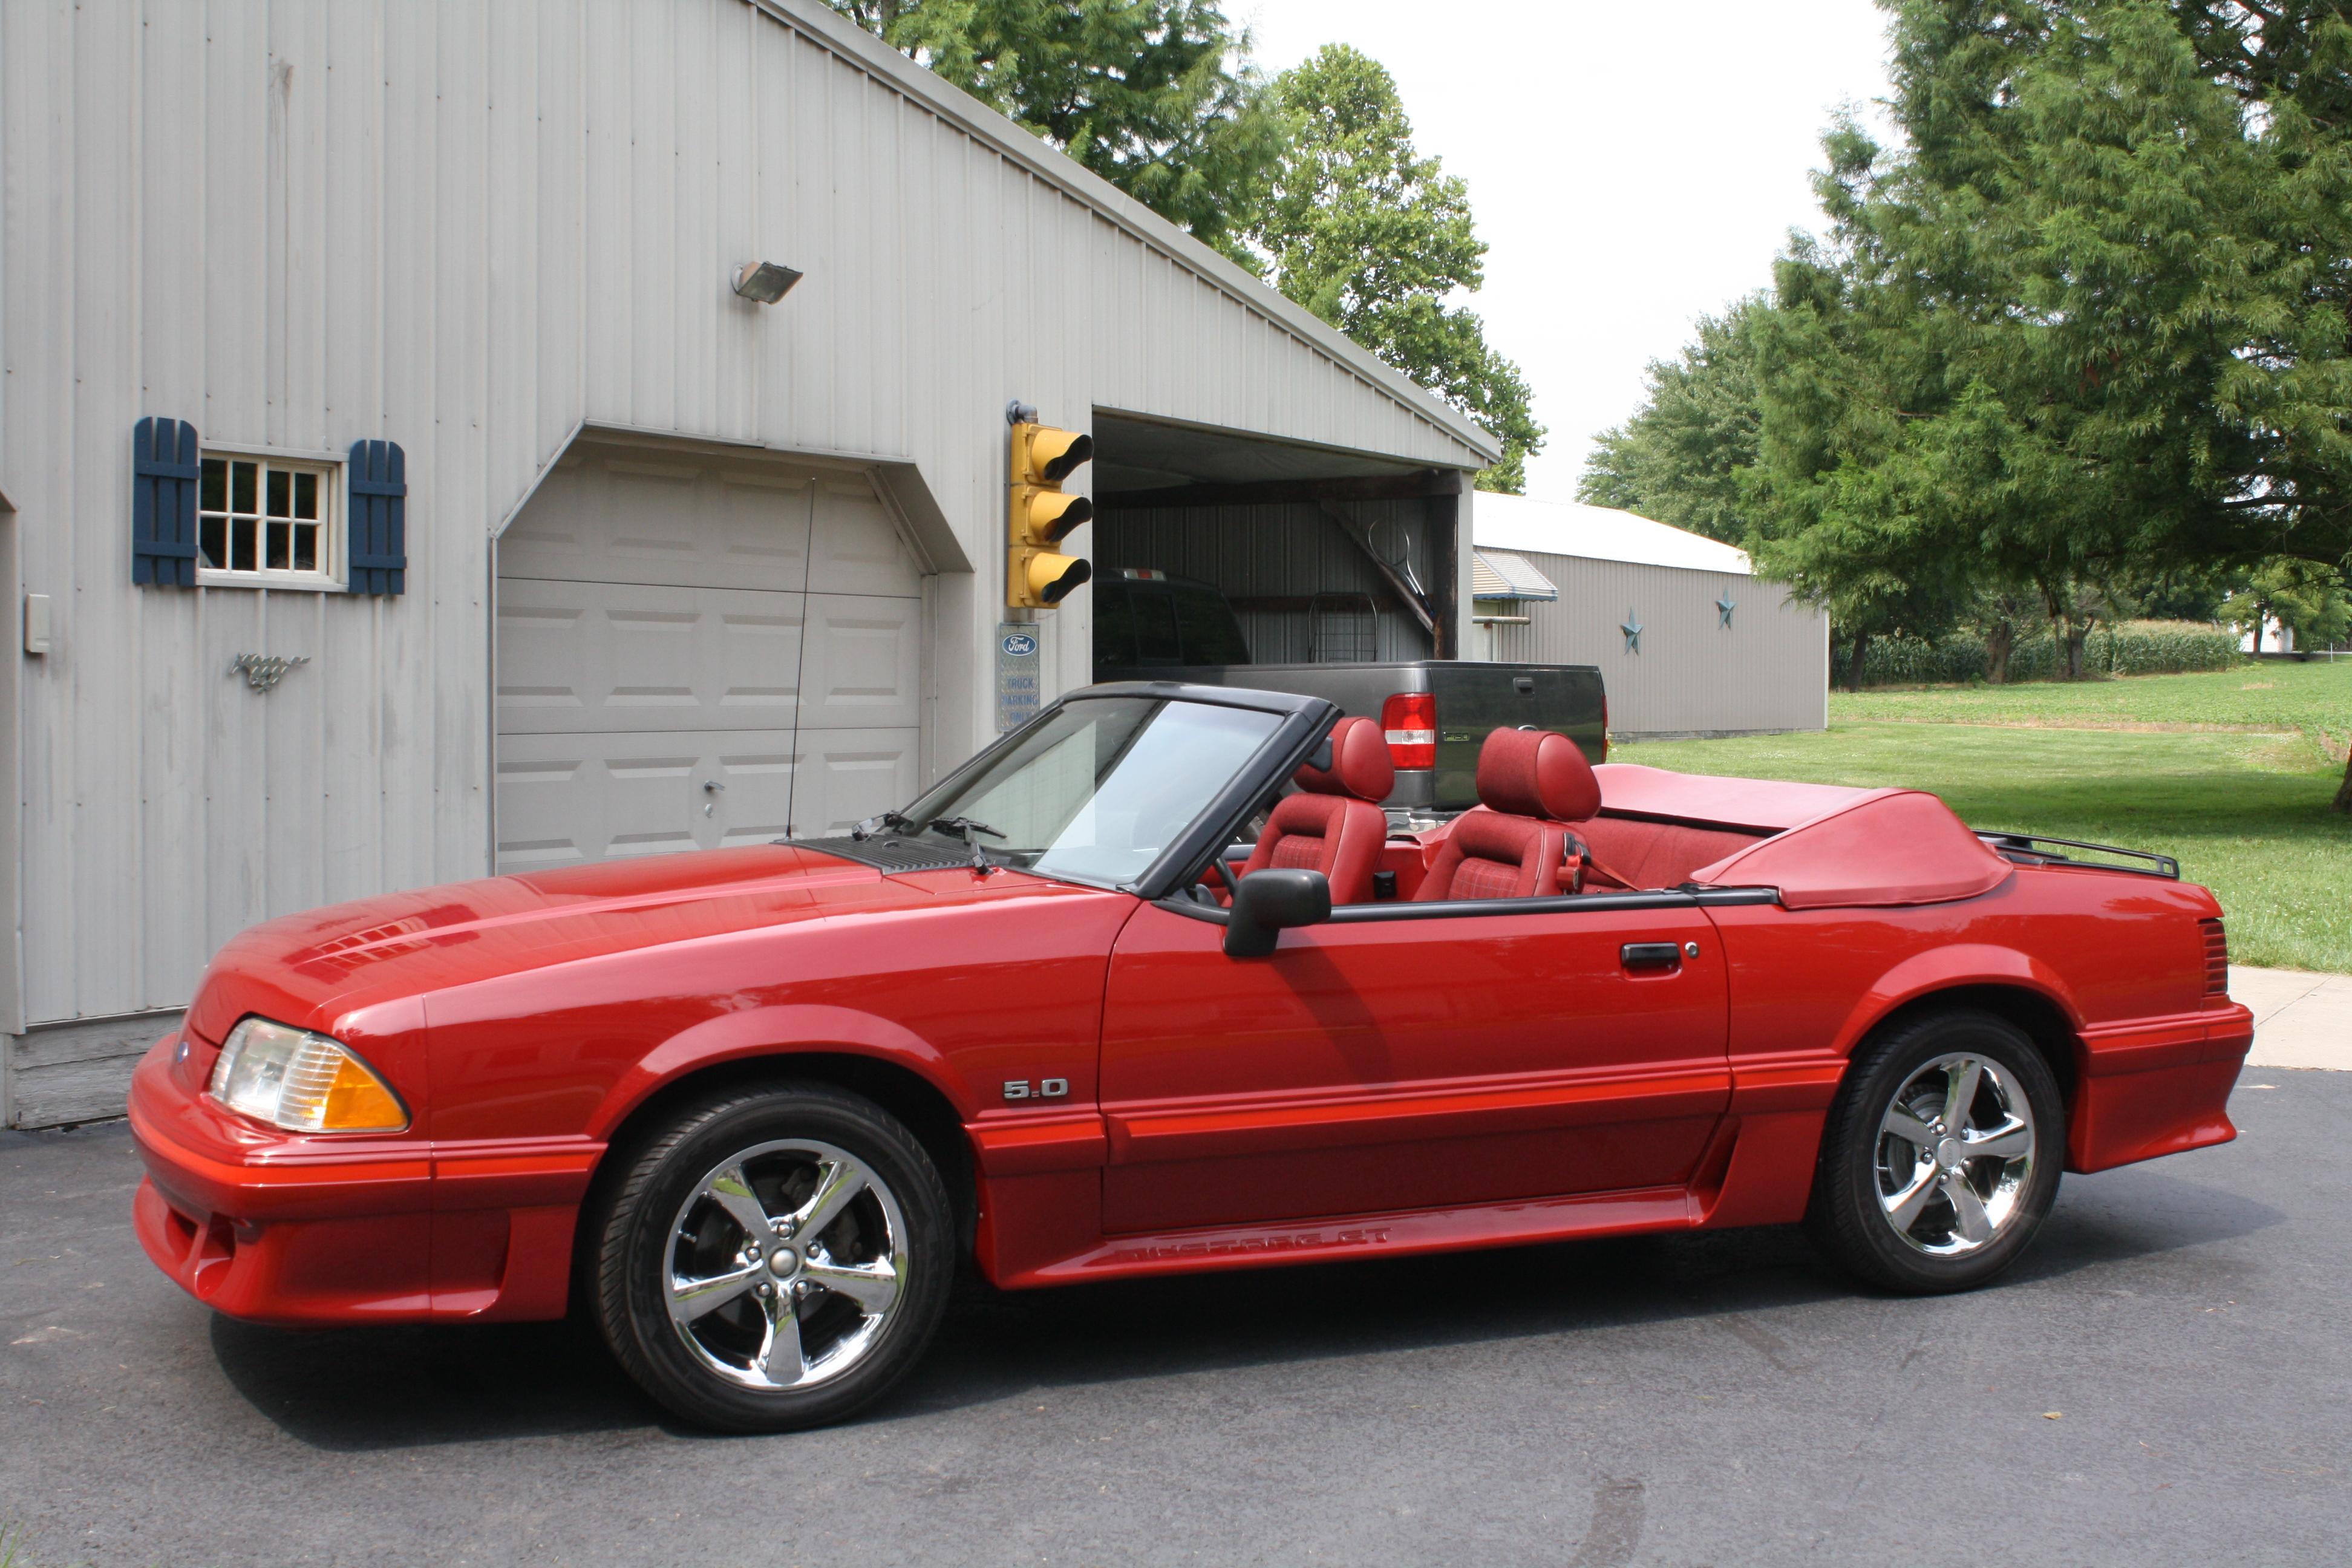 1988 Mustang GT 5.0